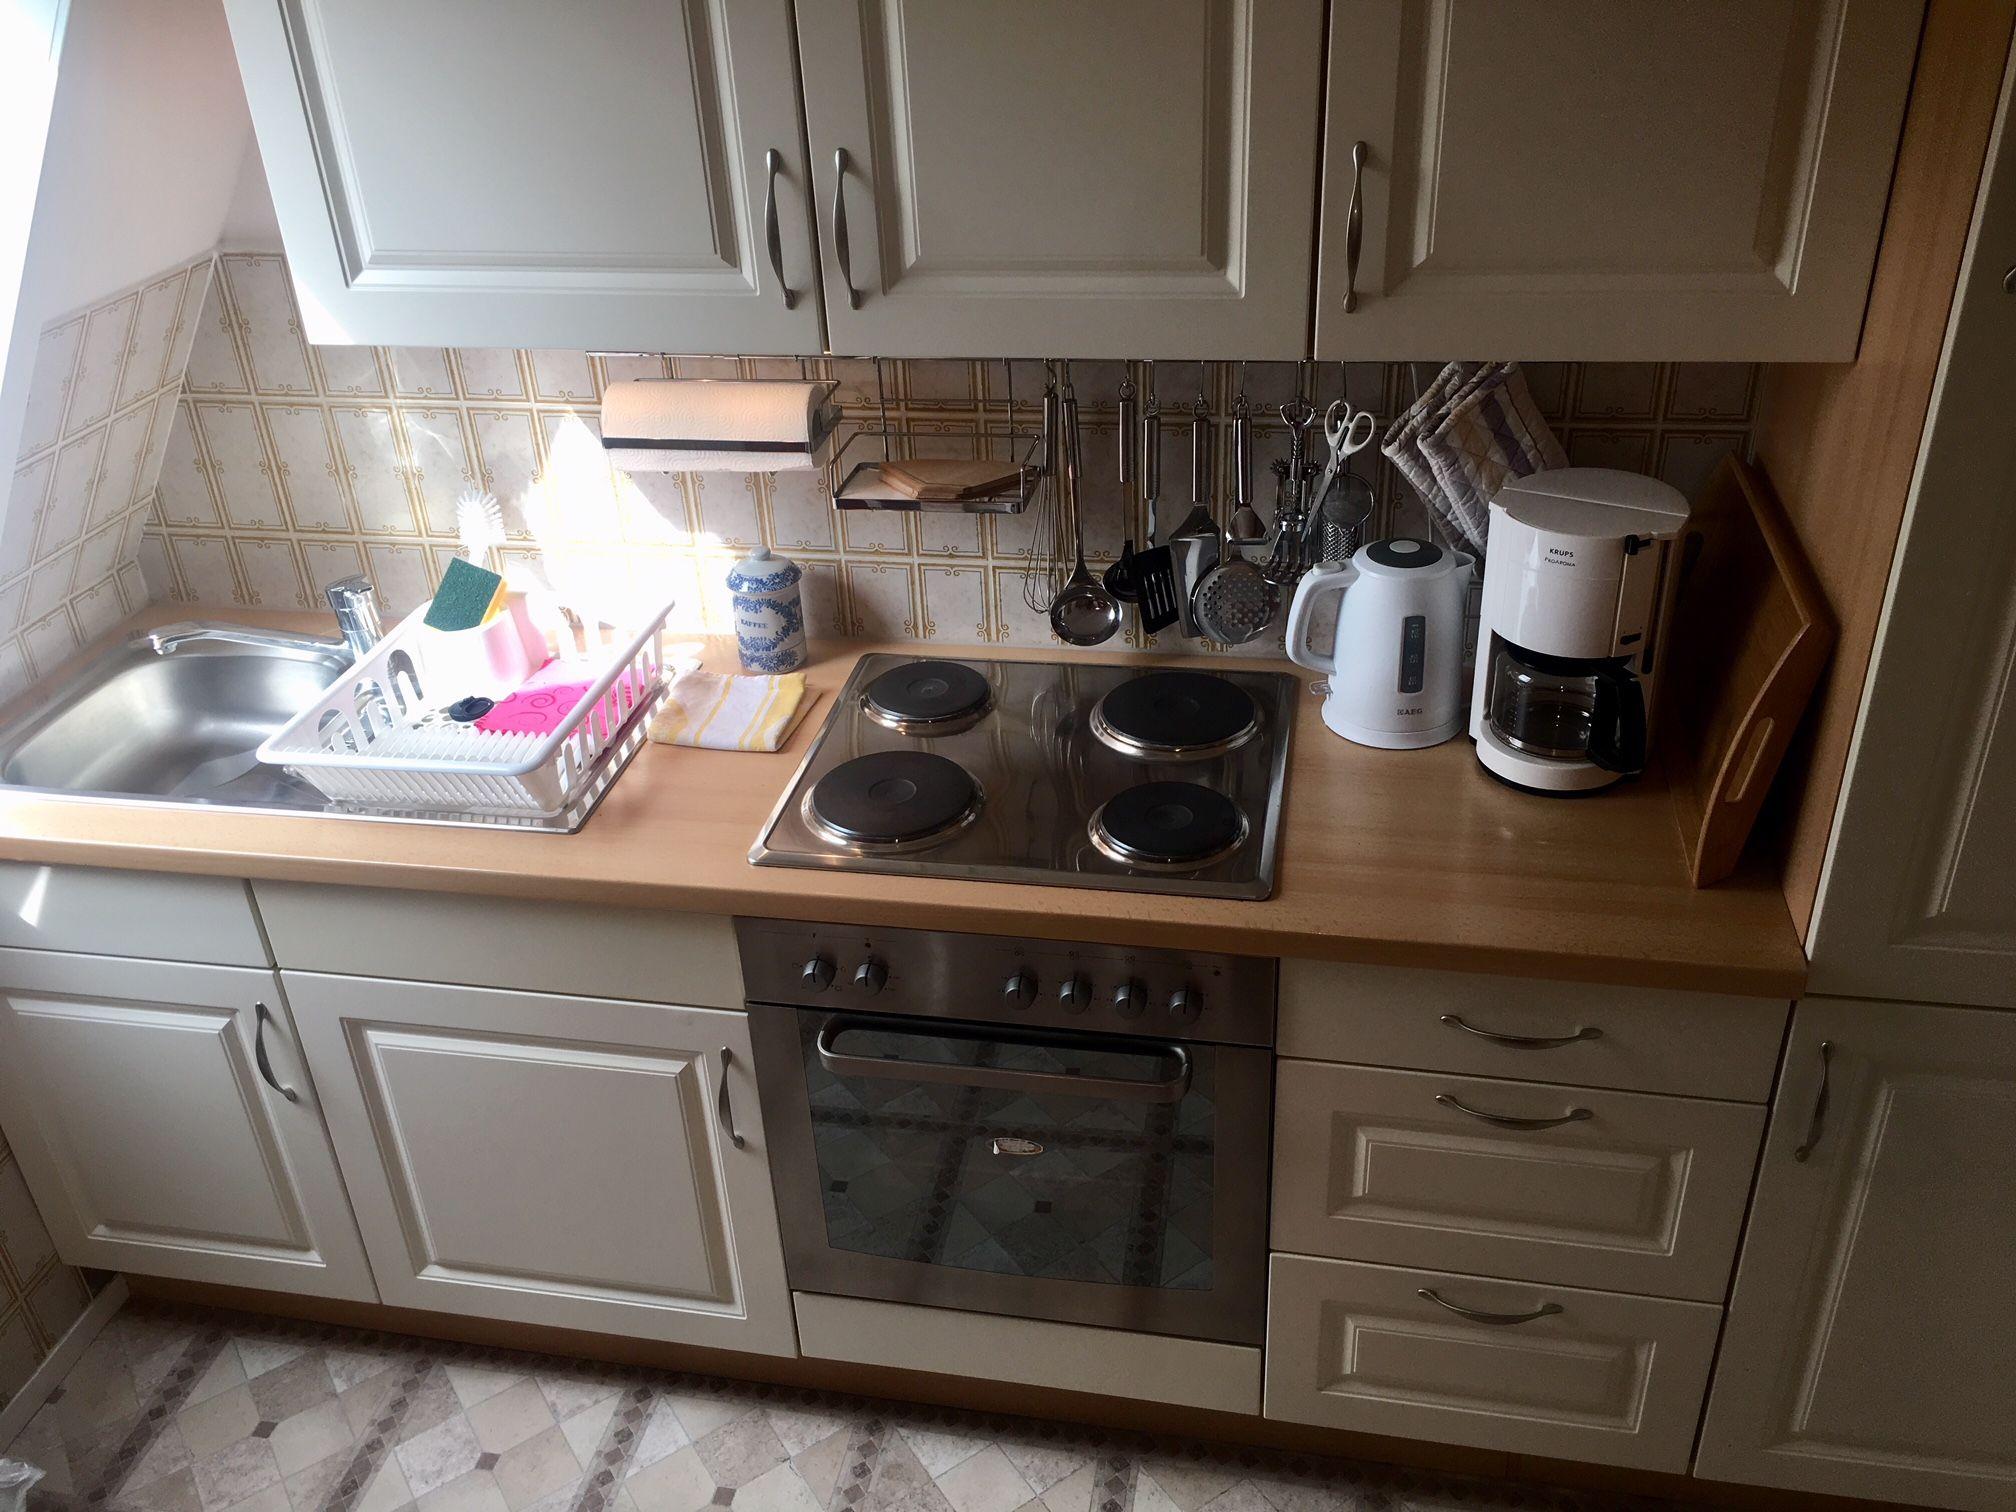 Einbauküche - hier macht Kochen Spaß!